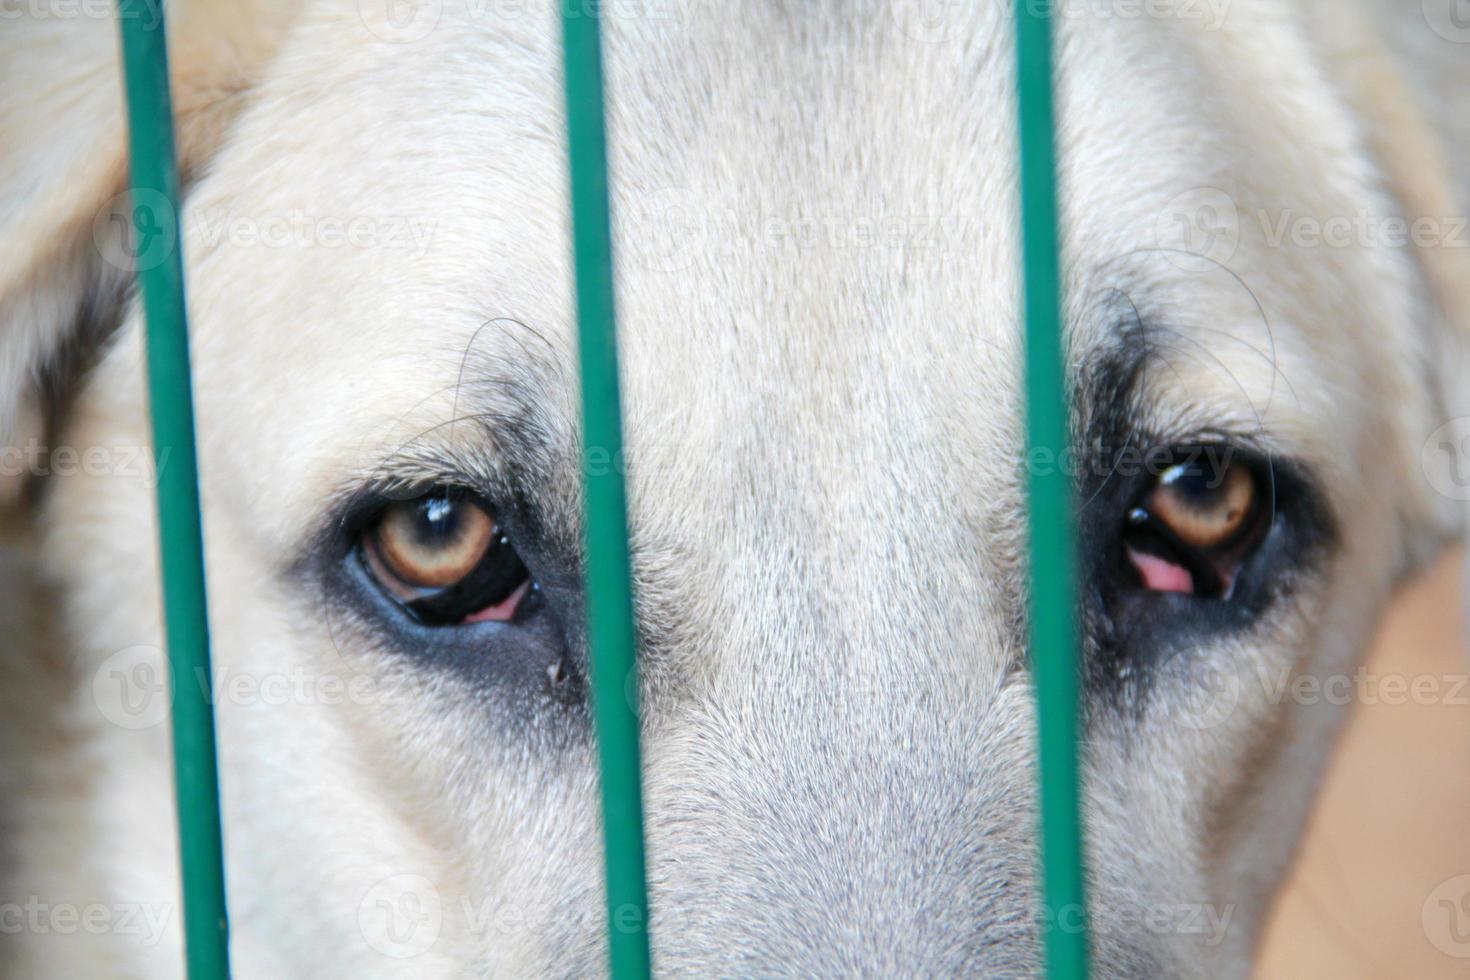 cachorro chorando em cativeiro foto